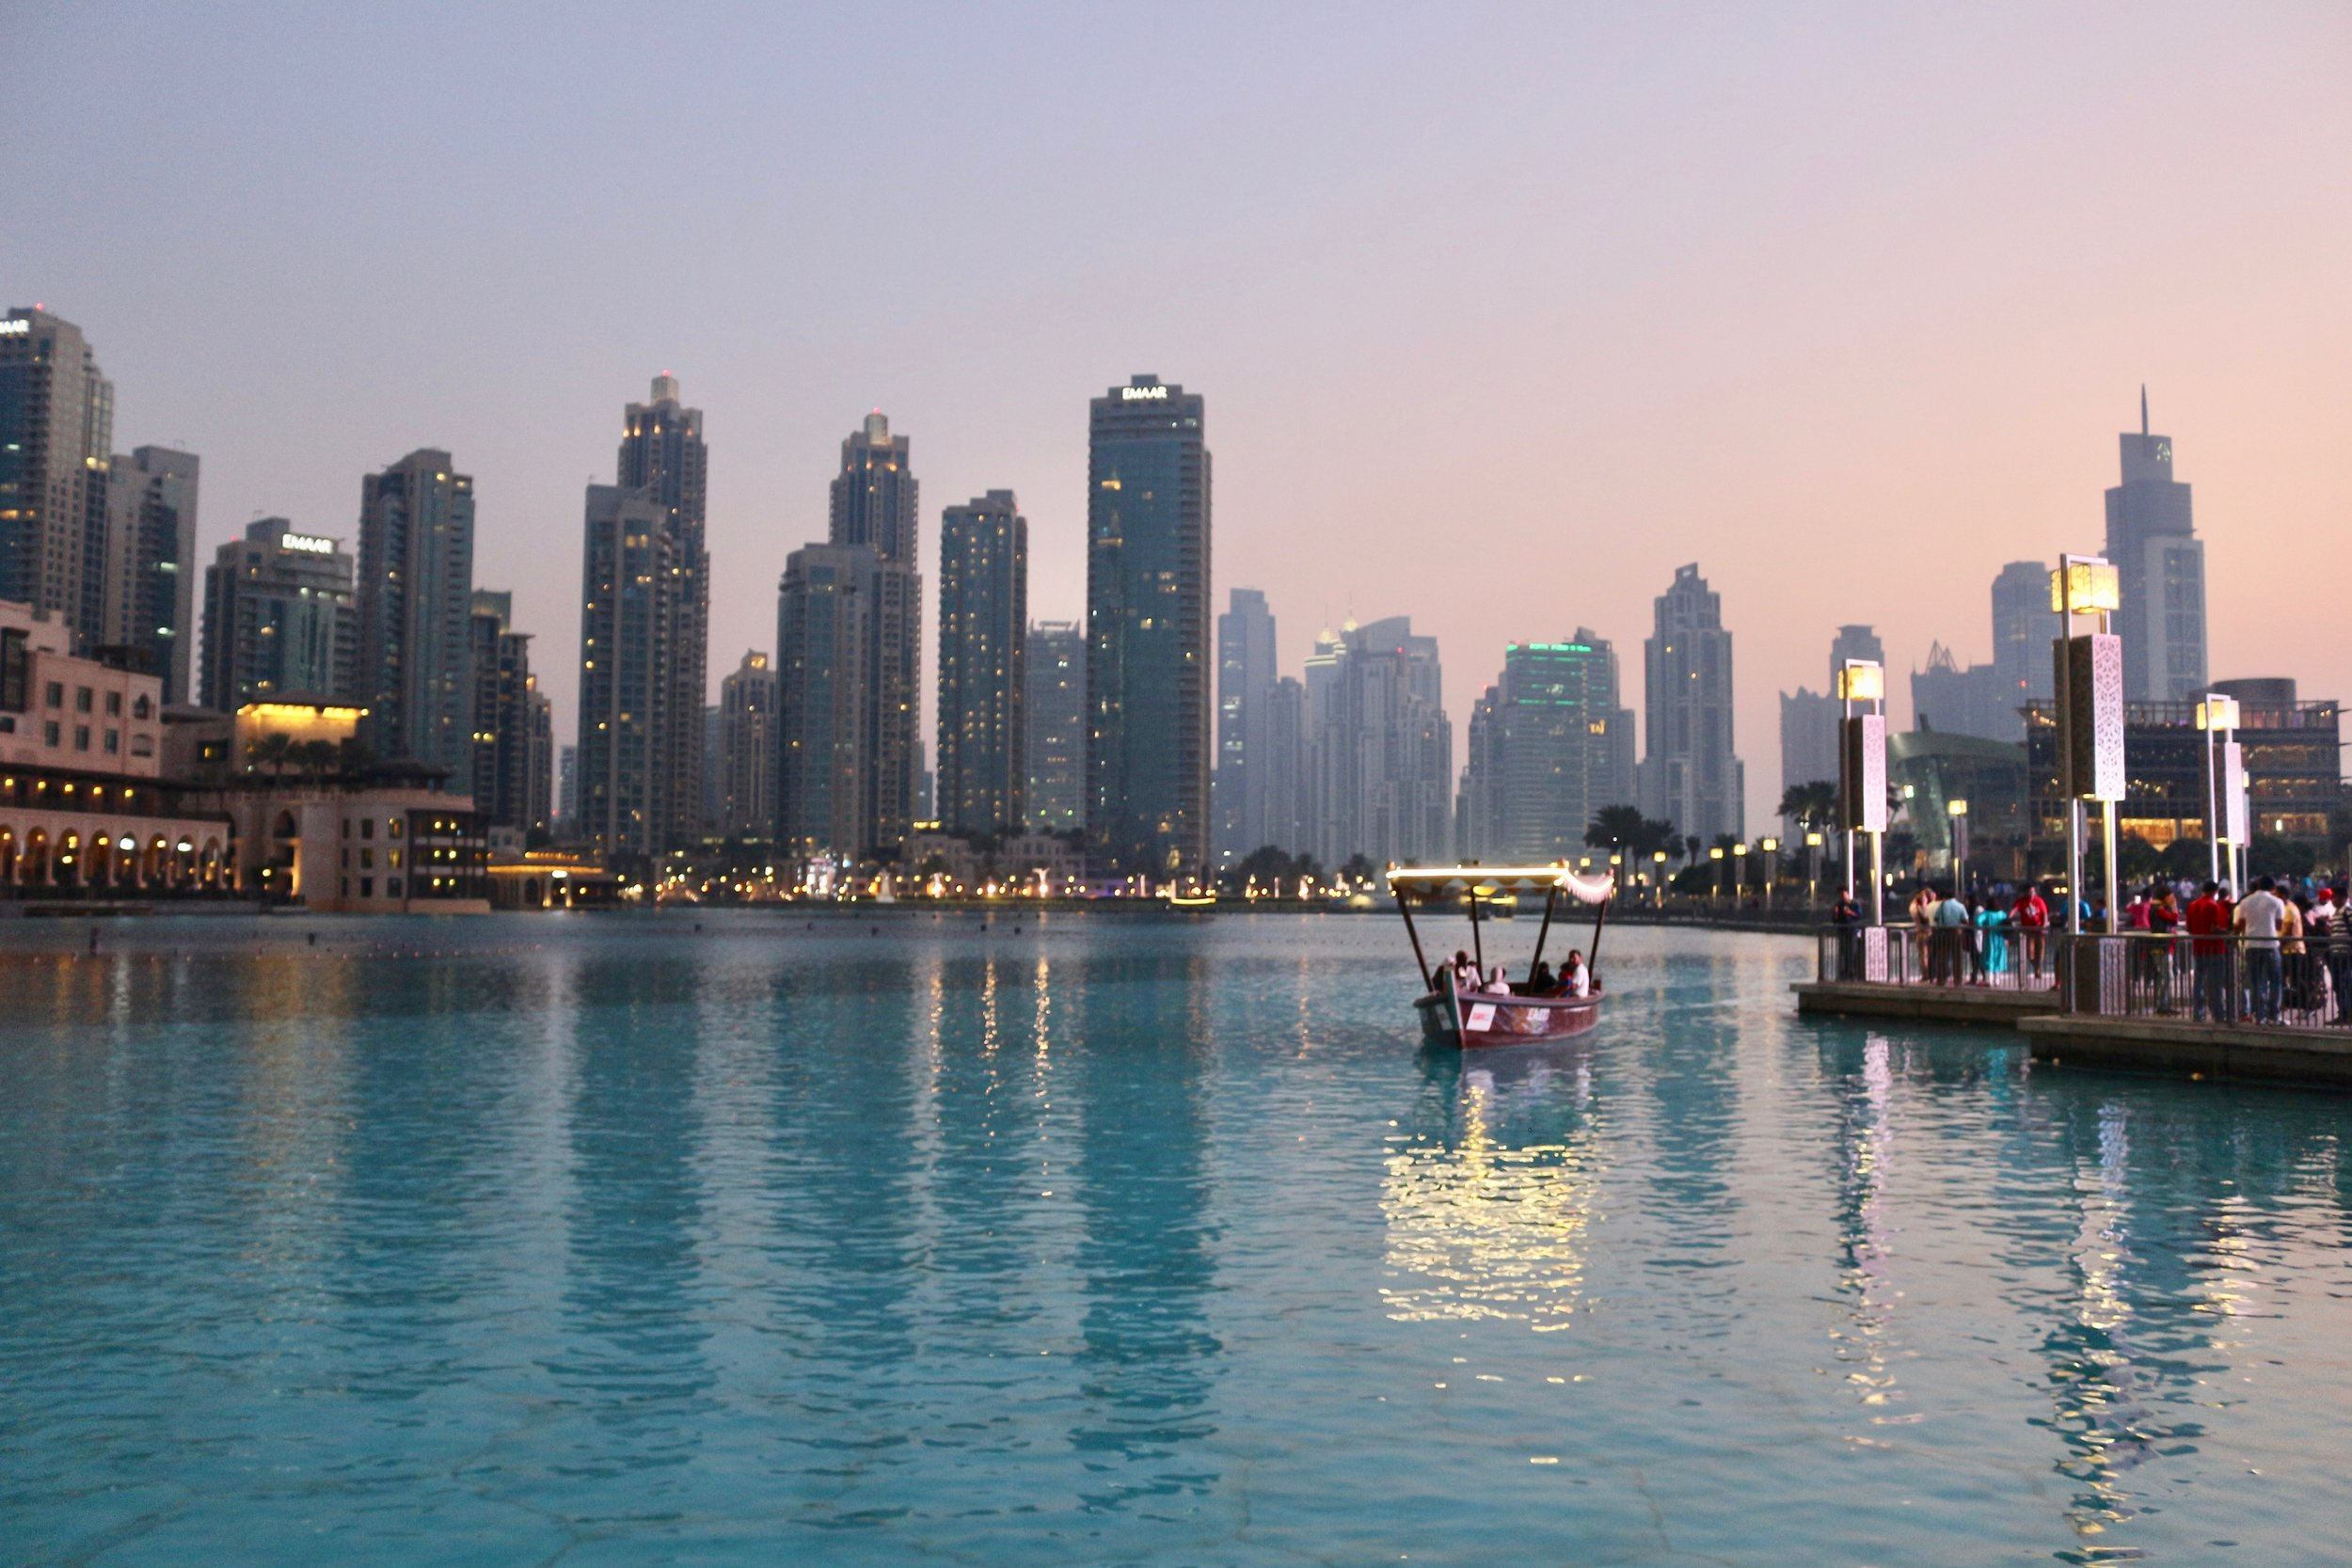 Toma un paseo en Abra en los canales - Un abra es un bote tradicional de madera. Para tomarlo, deberás ir al casco histórico de Dubai o el Viejo Dubai. La embarcación te paseará entre el Viejo Dubai y Deira. A un costo de solo 1 dirham es una de las cosas más divertidas y autóctonas para hacer, especialmente si tienes un presupuesto limitado. Si lo haces al aterdecer podrás ver el espectáculo de migración de aves mientras navegas. Aprovecha y recorre el Dubai Antiguo.